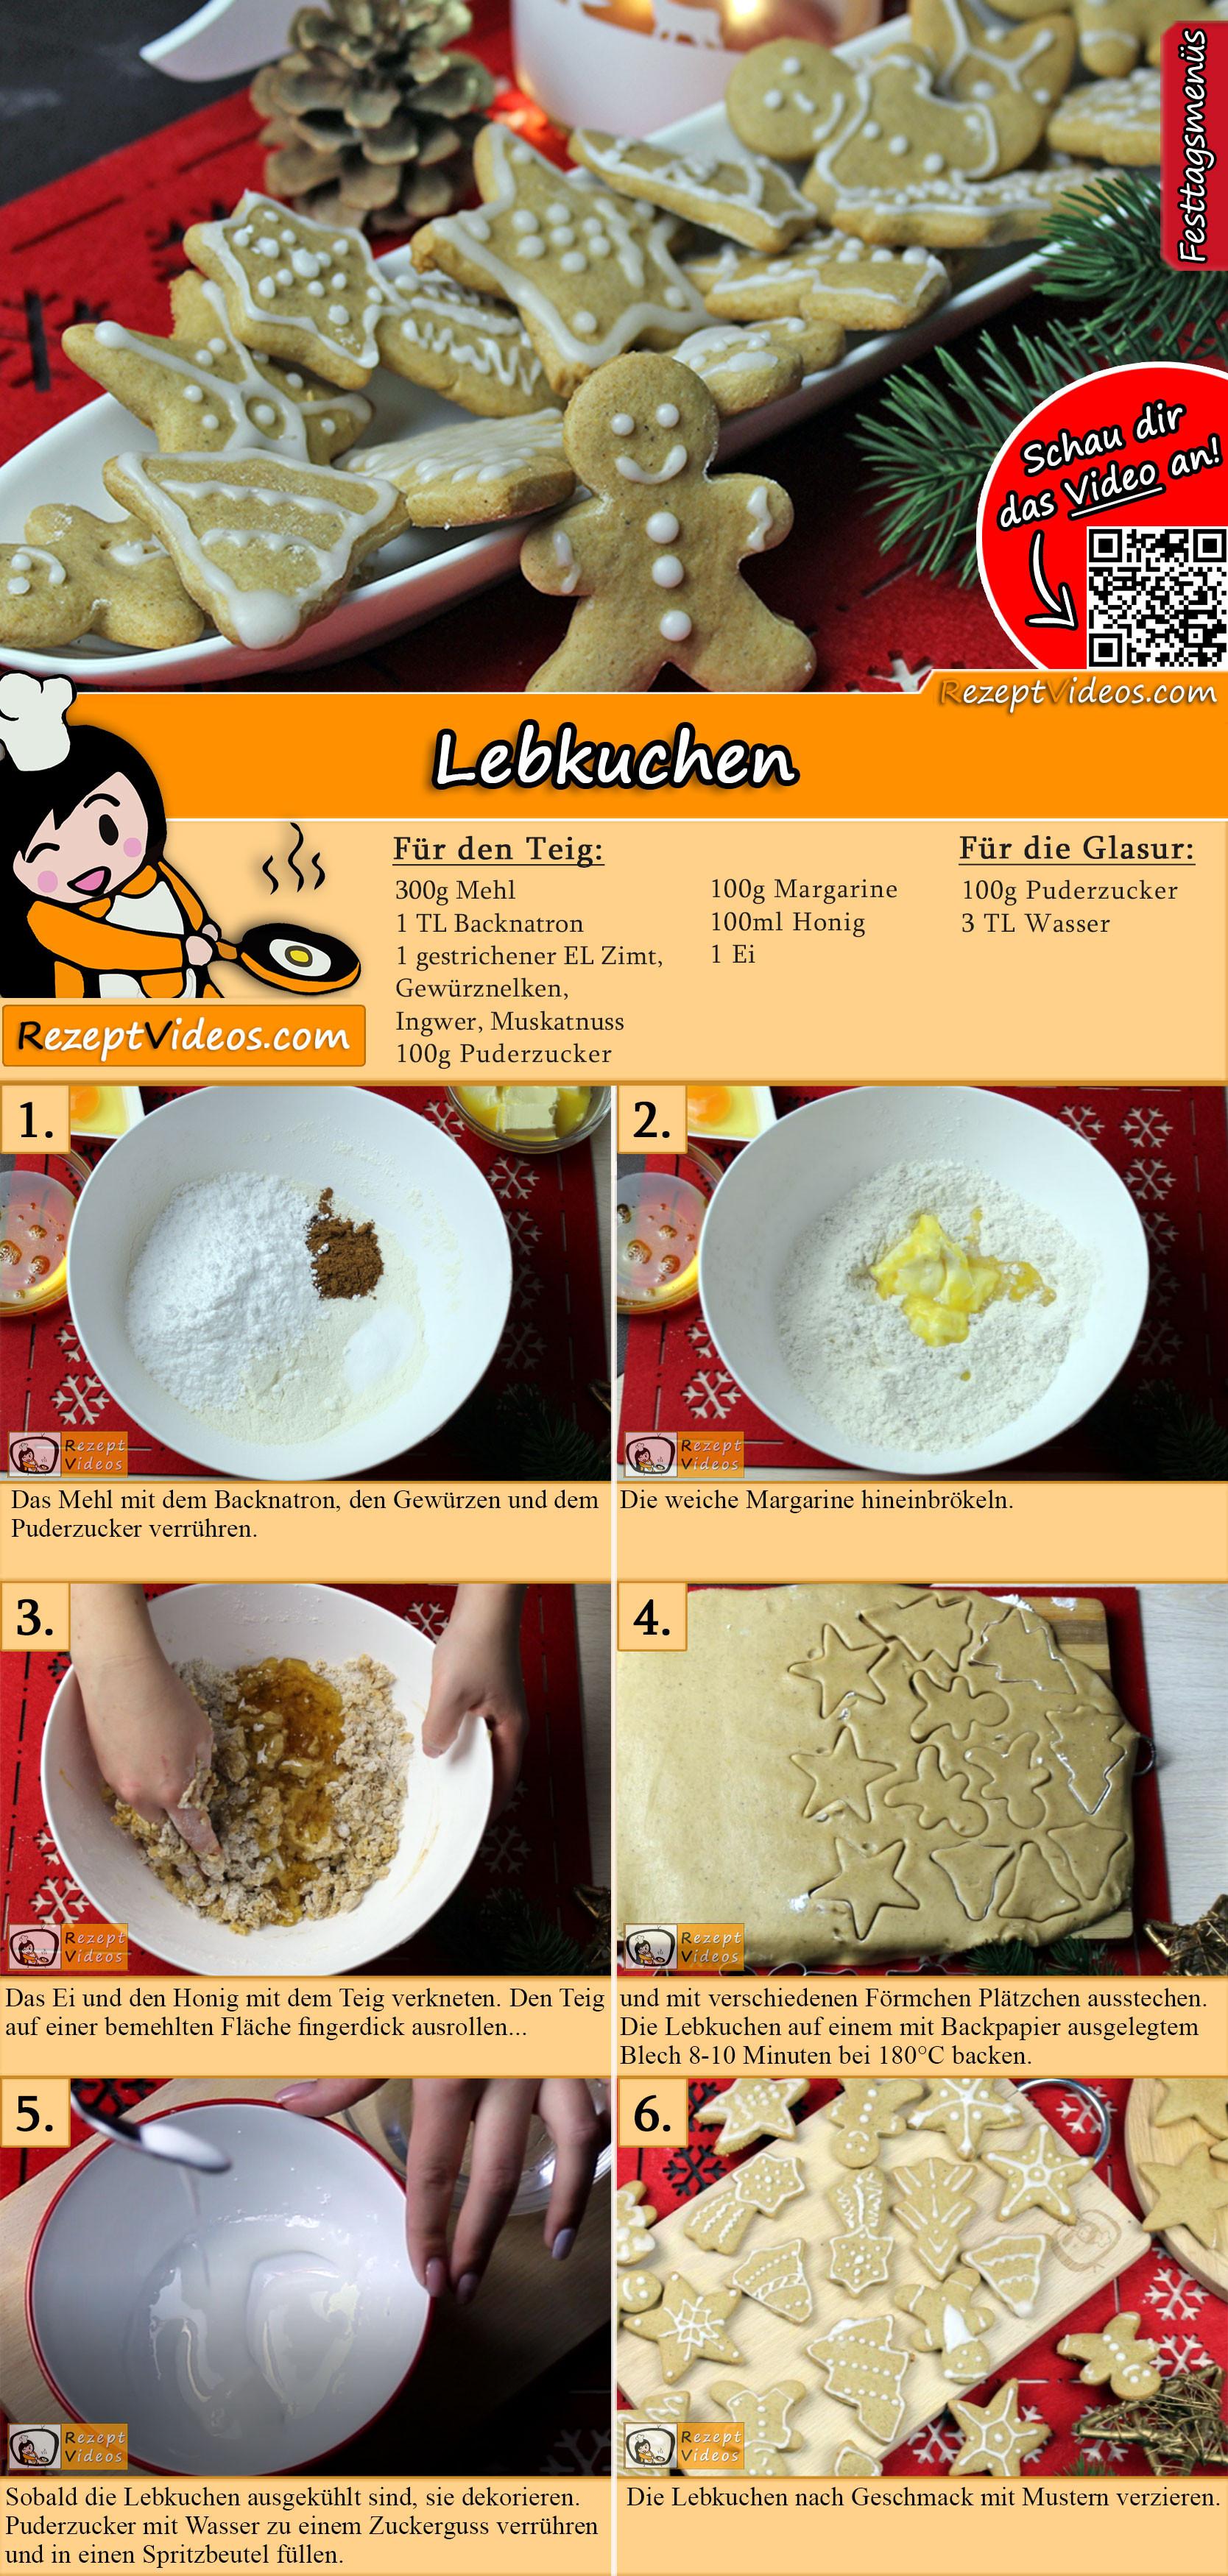 Lebkuchen Rezept mit Video